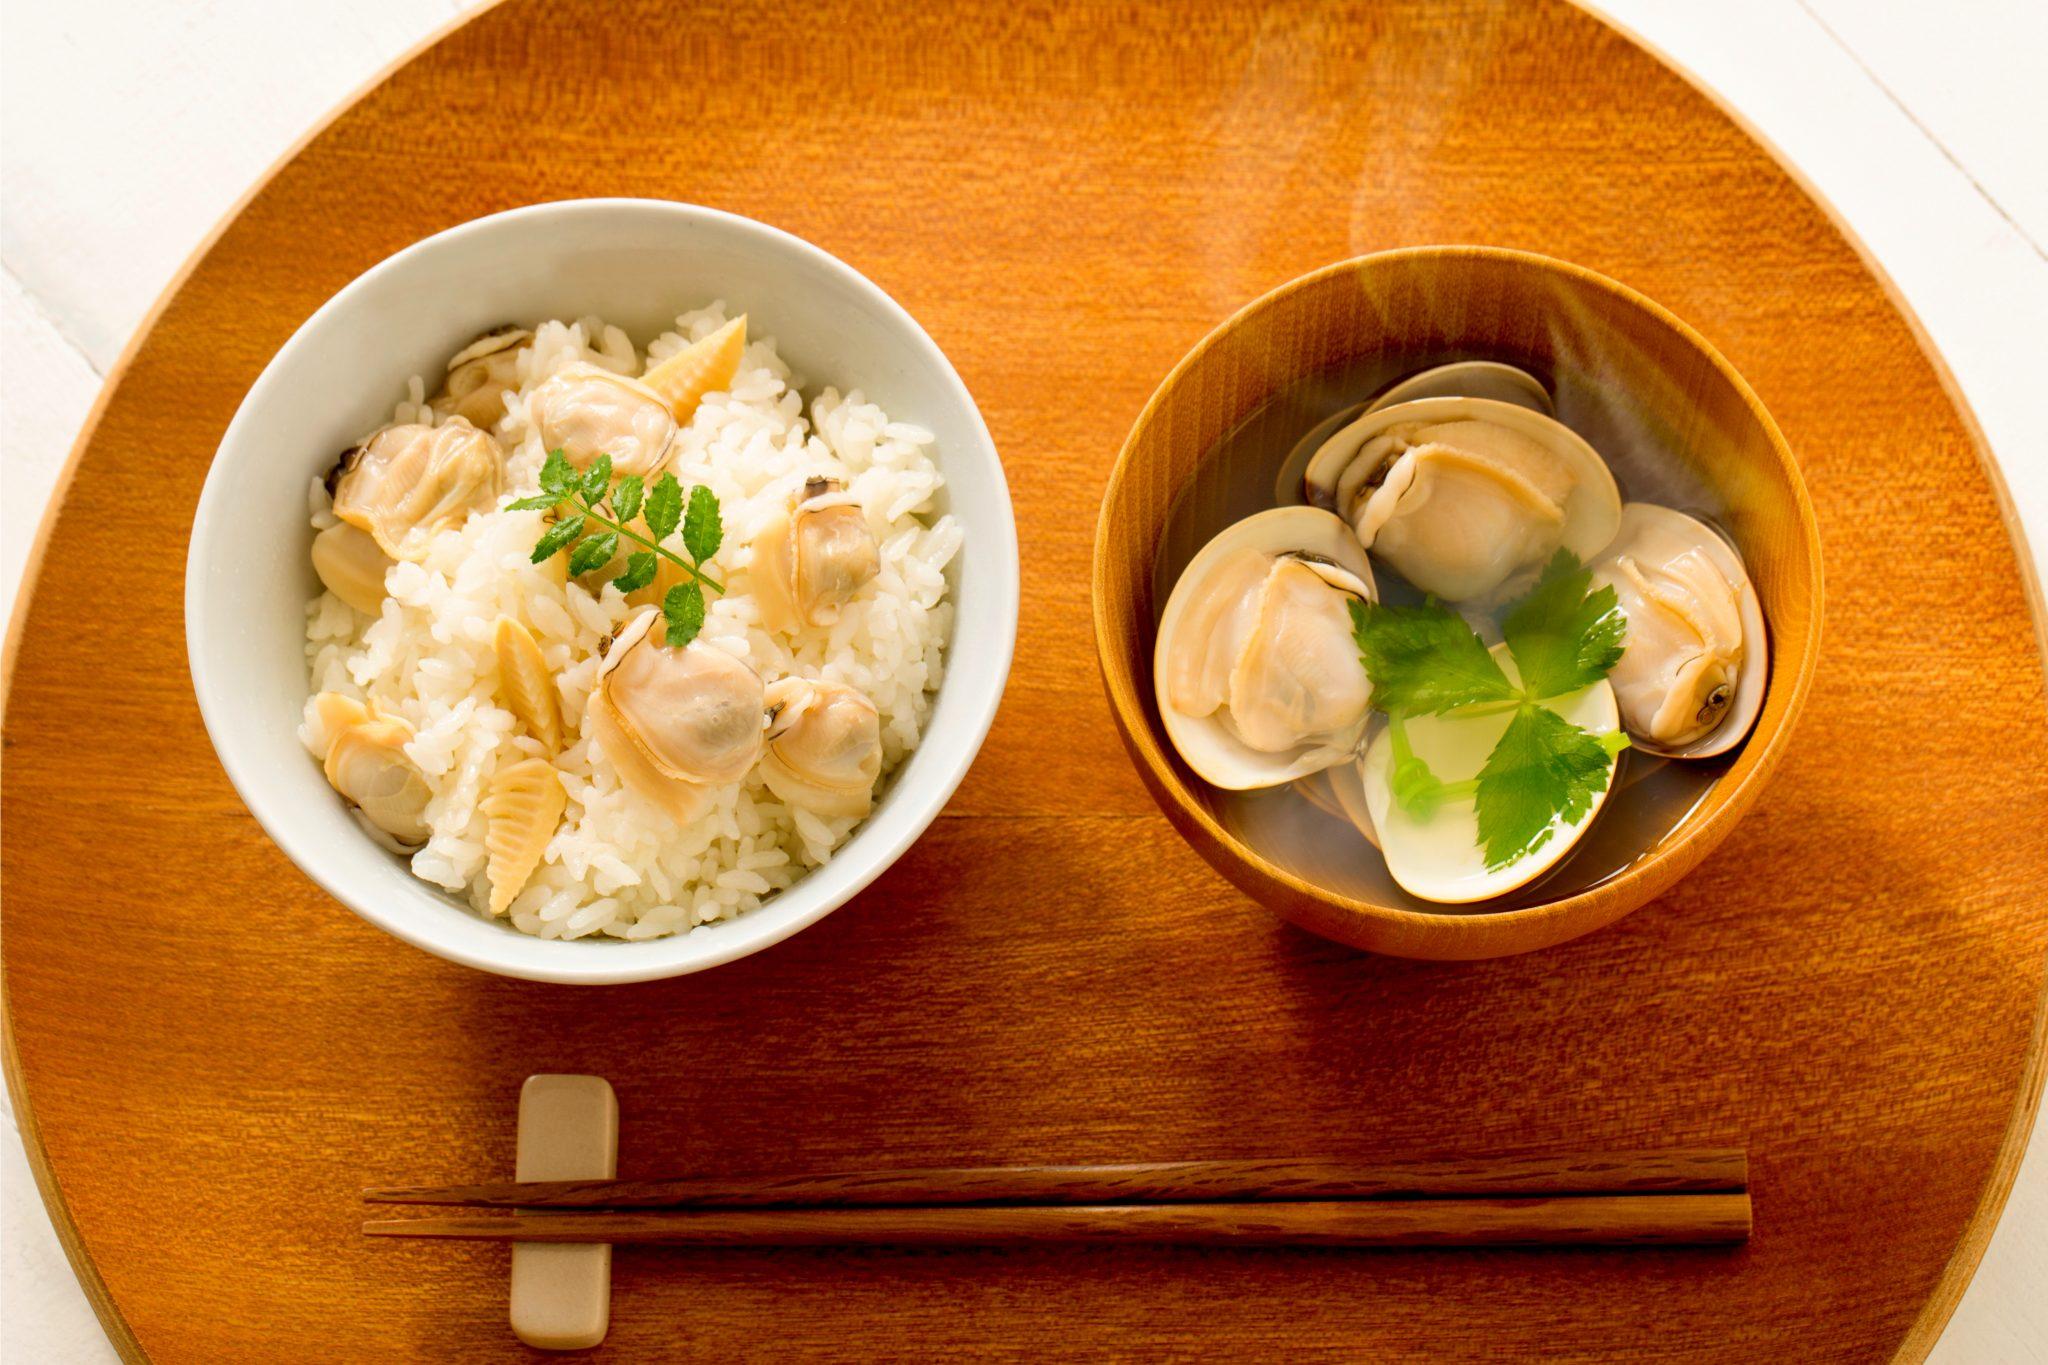 アサリご飯とアサリのお味噌汁